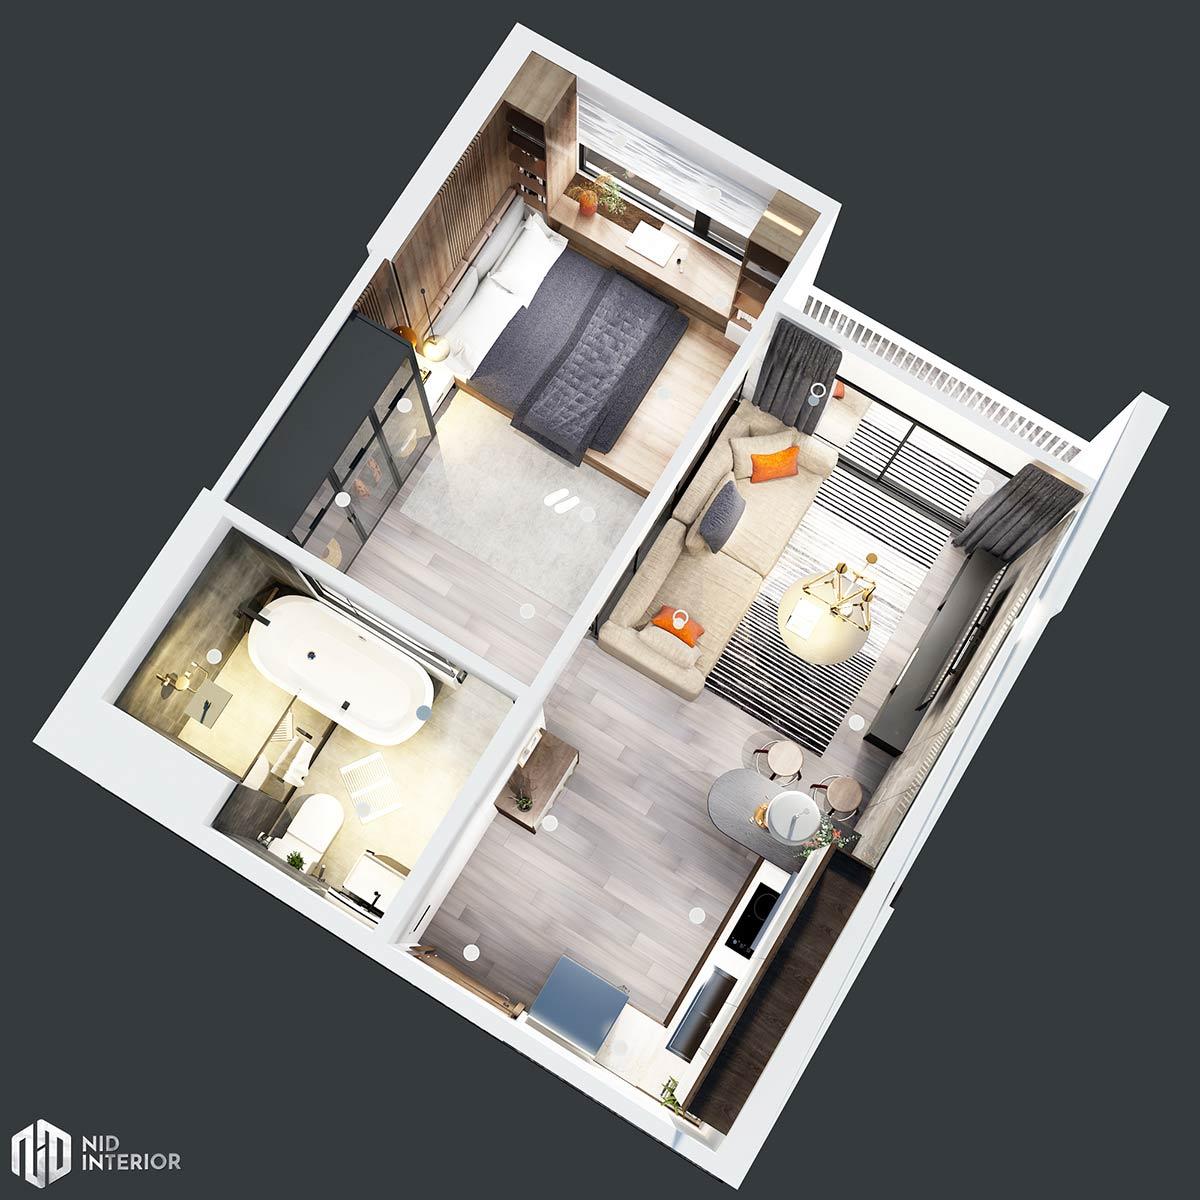 Thiết kế nội thất căn hộ Vinhomes Grand Park 50m2 - Mặt bằng